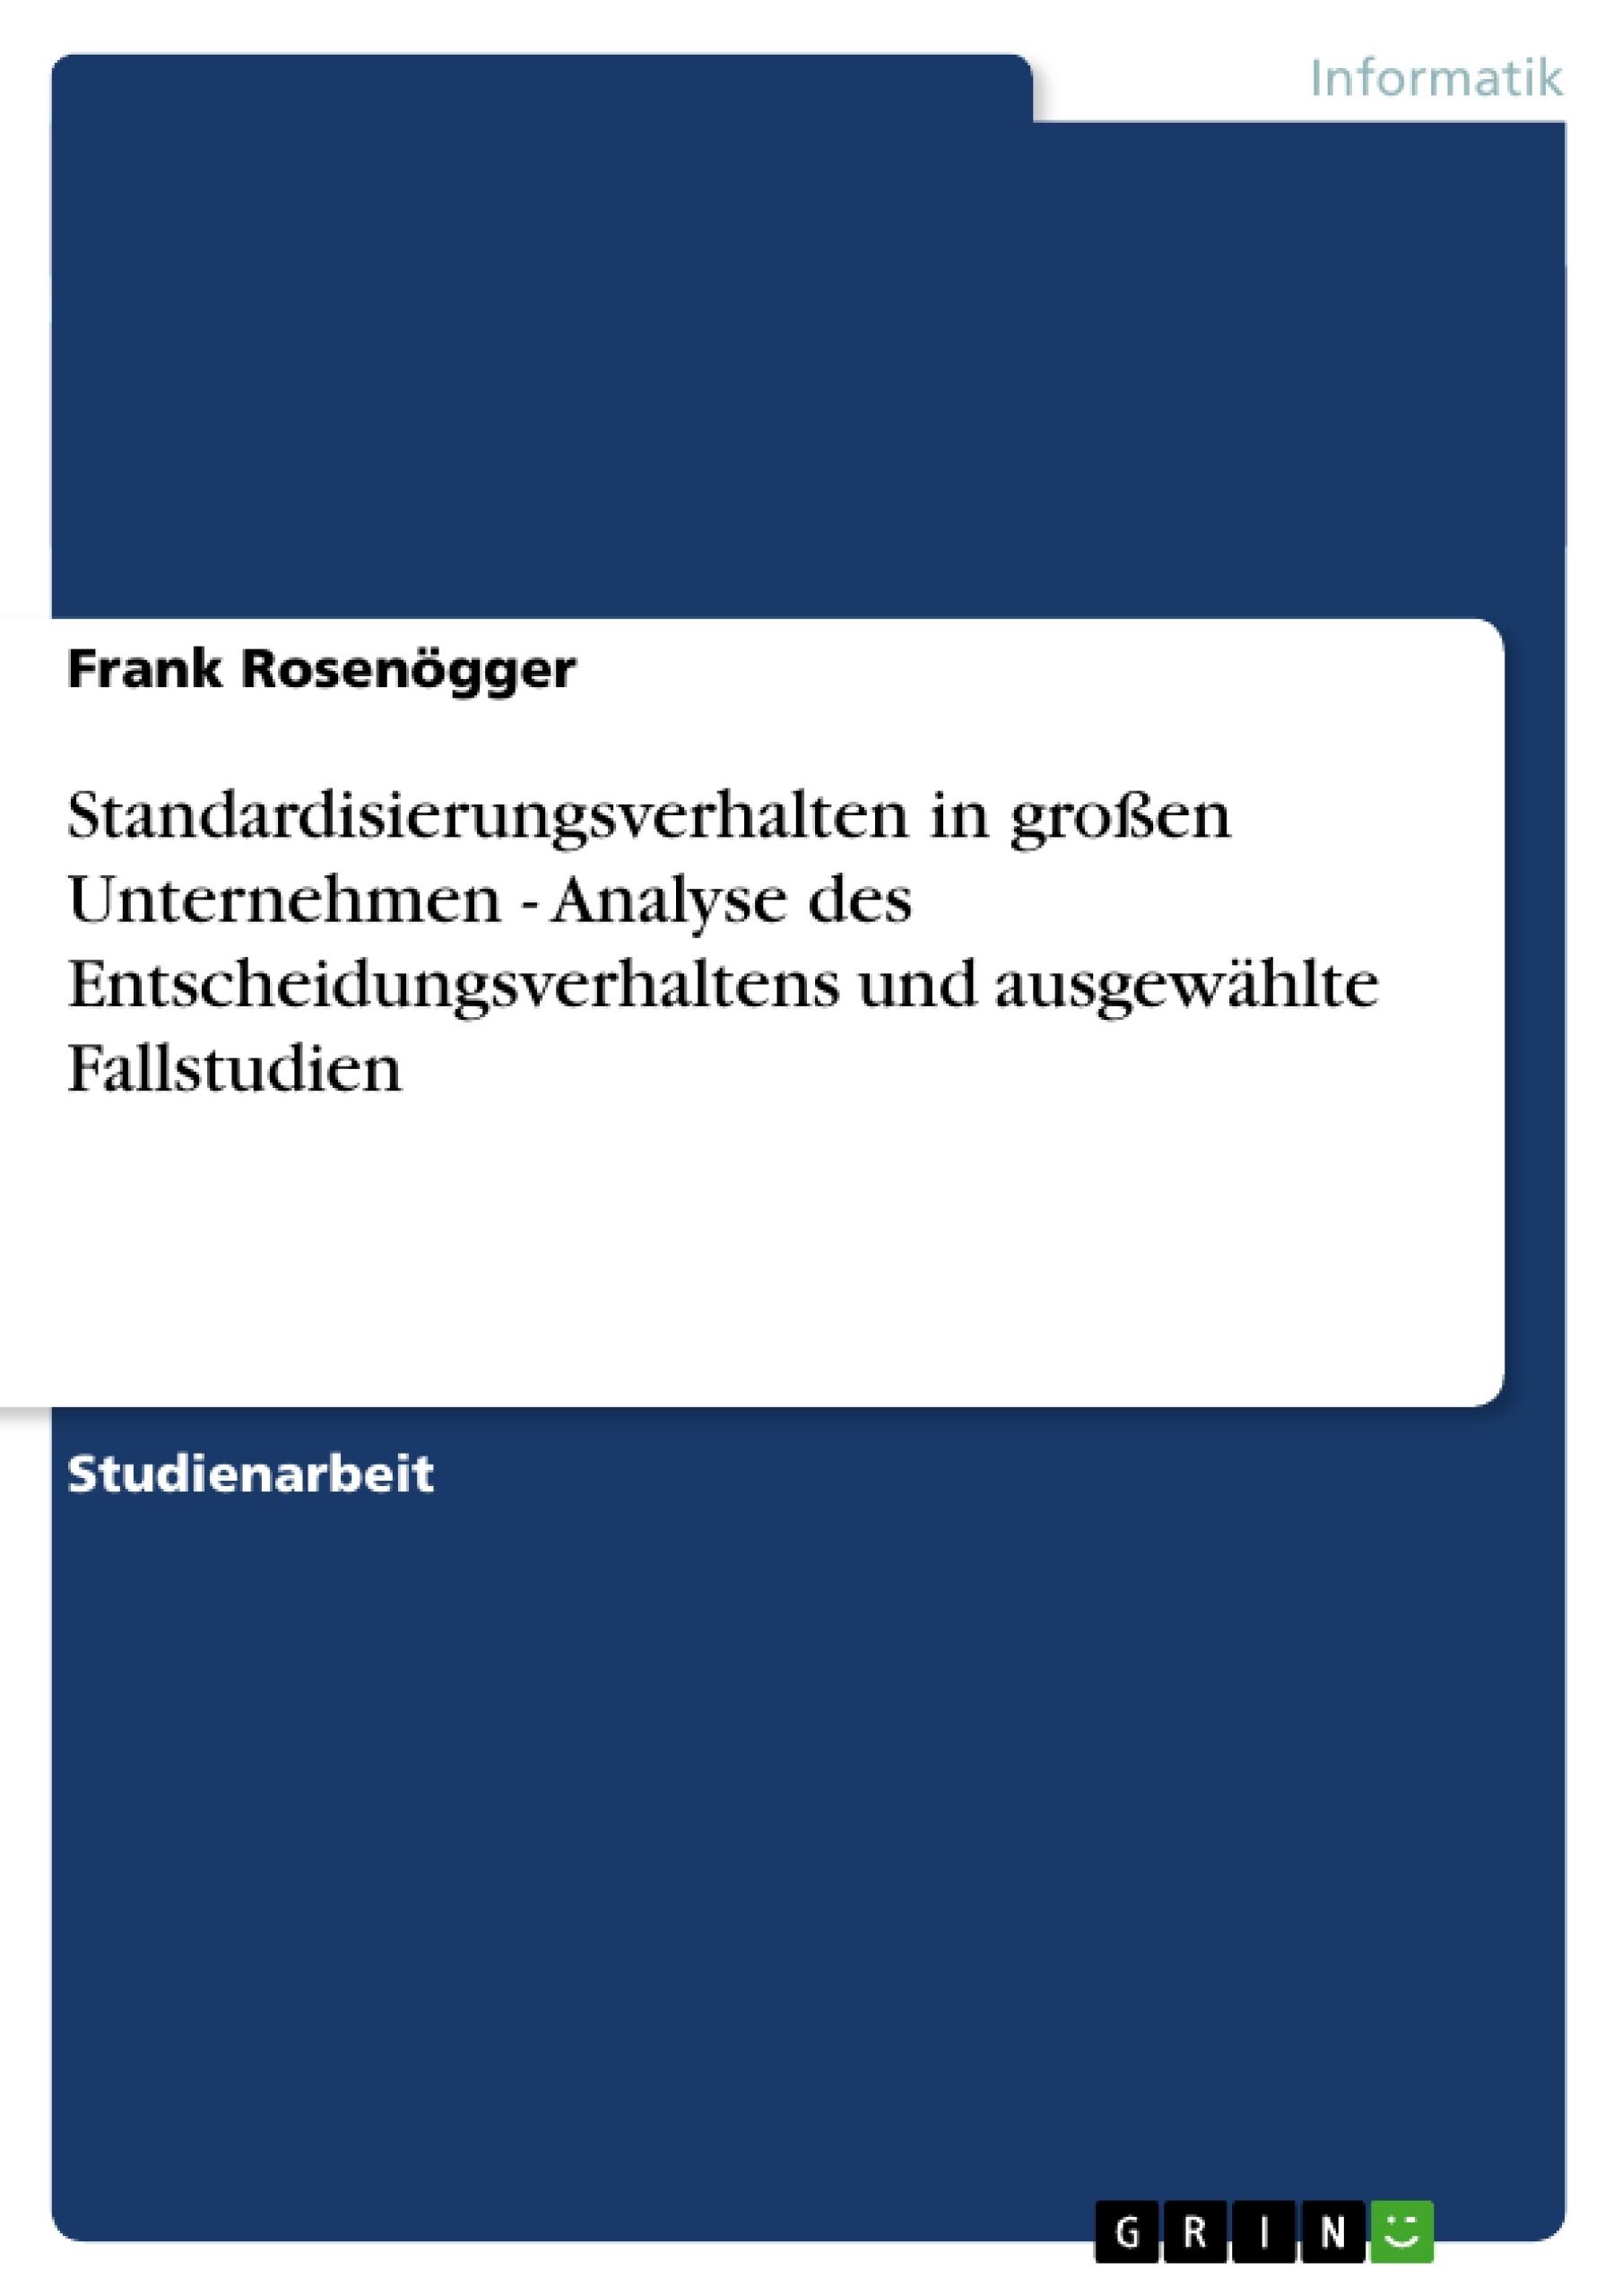 Titel: Standardisierungsverhalten in großen Unternehmen - Analyse des Entscheidungsverhaltens und ausgewählte Fallstudien